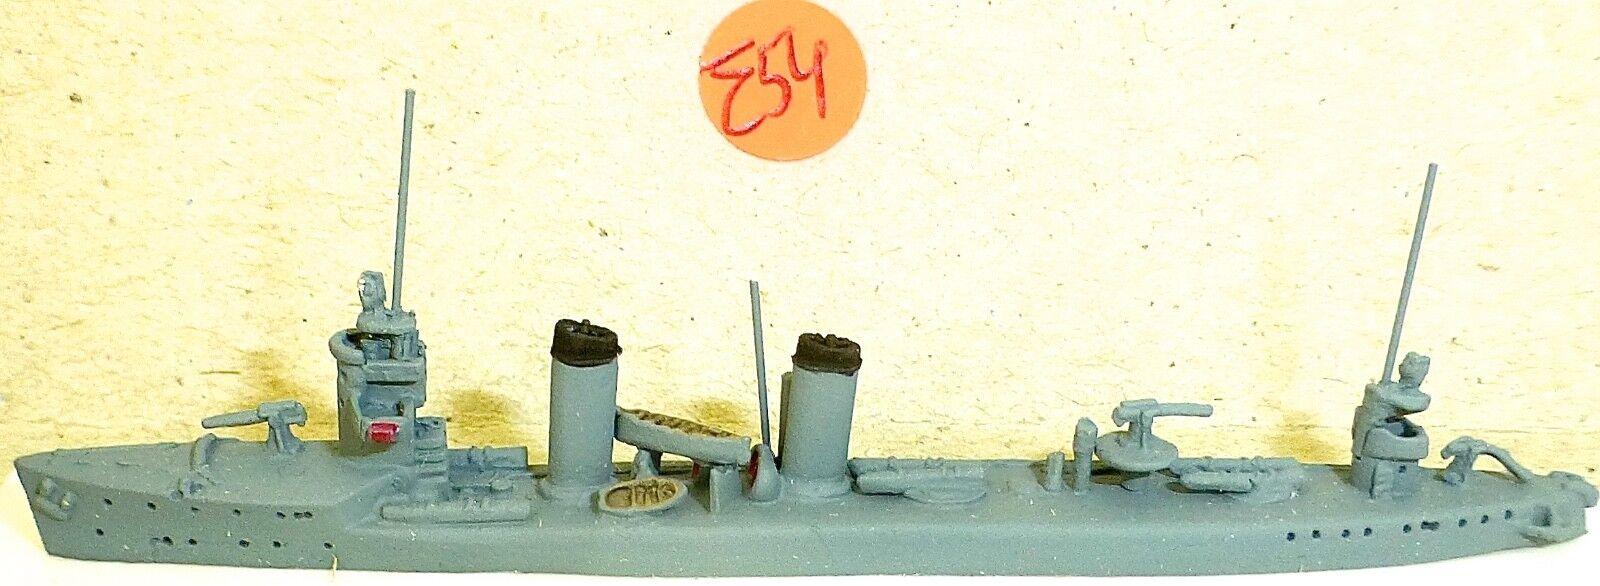 Gr Barco Torpedo Navis G85 Maqueta de Barco 1 1250 Shp ∑ 54 Å